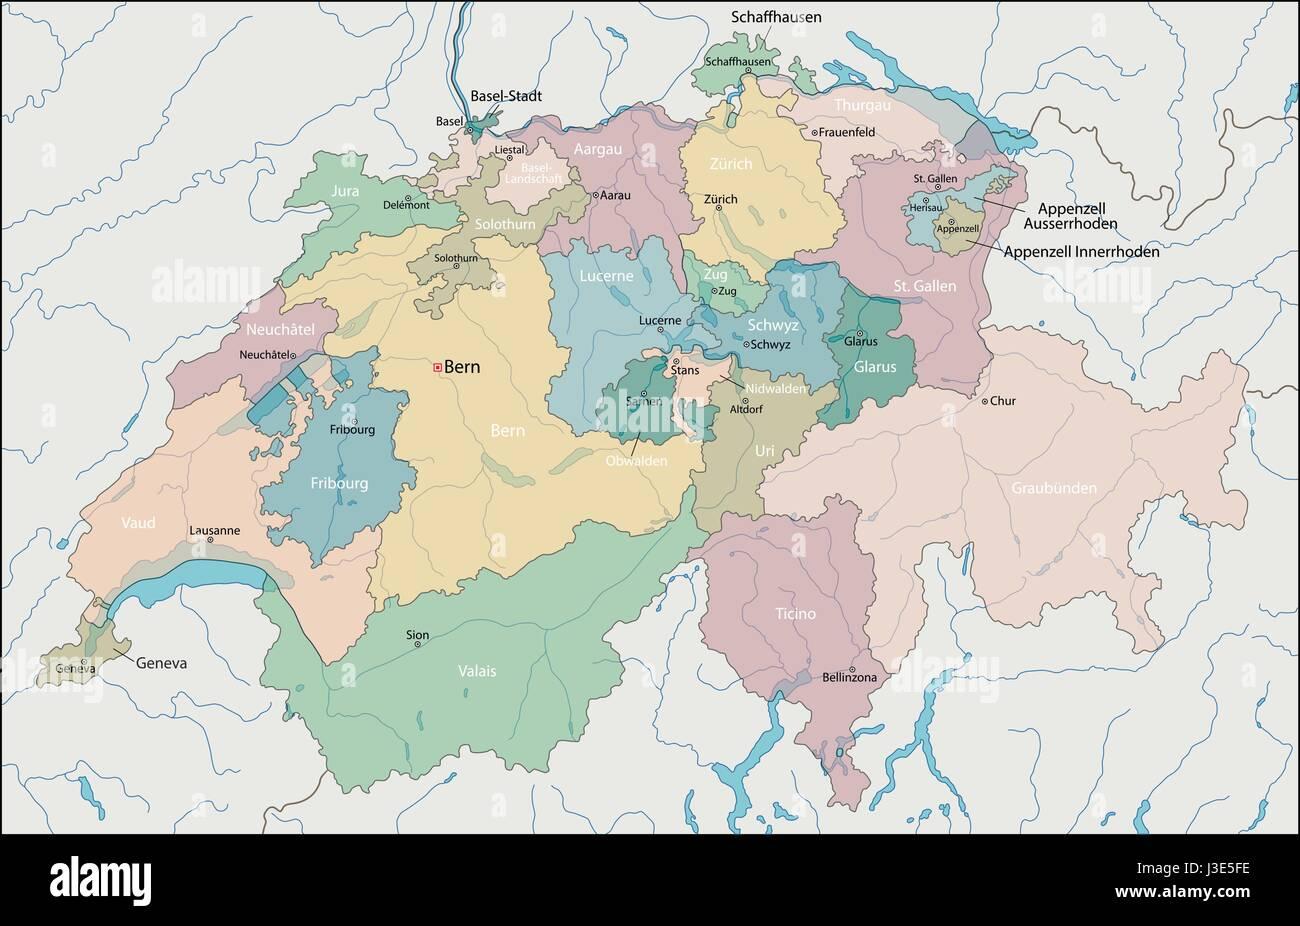 La Cartina Geografica Della Svizzera.Cartina Della Svizzera Immagine E Vettoriale Alamy